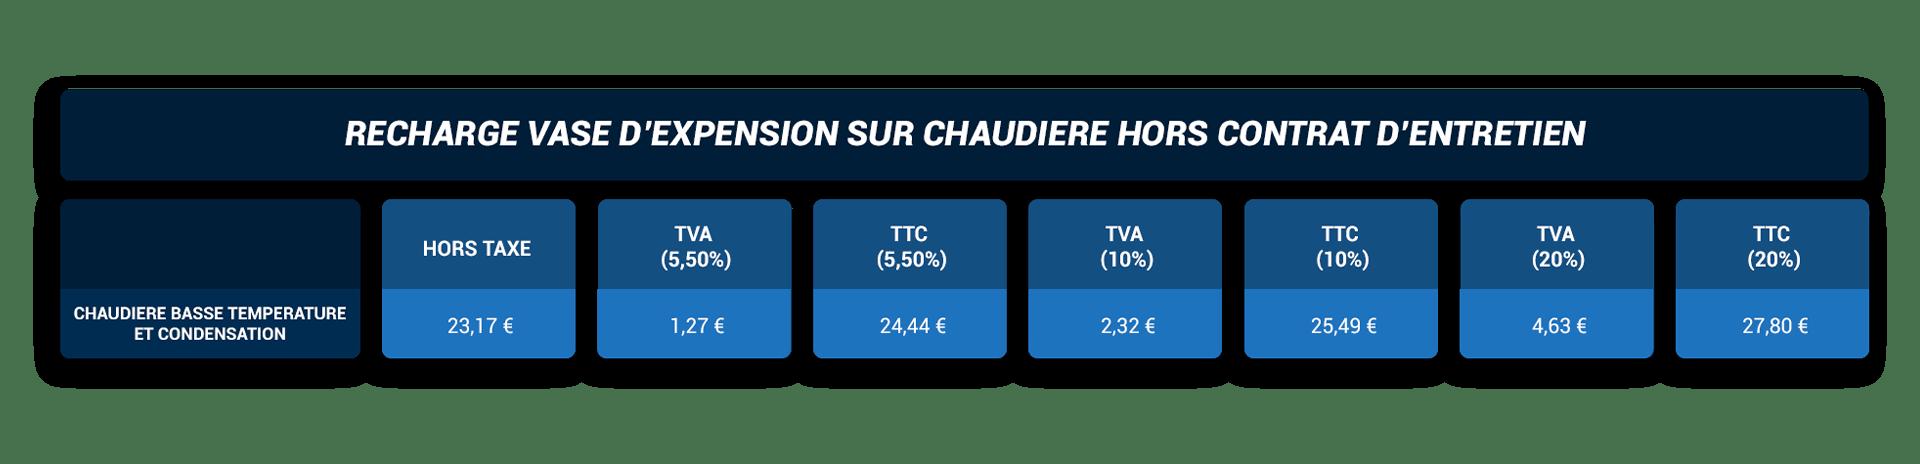 https://www.depannage-mallet.fr/wp-content/uploads/2020/09/recharge-vase-dexpension-sur-chaudiere-hors-contrat-dentretien.png